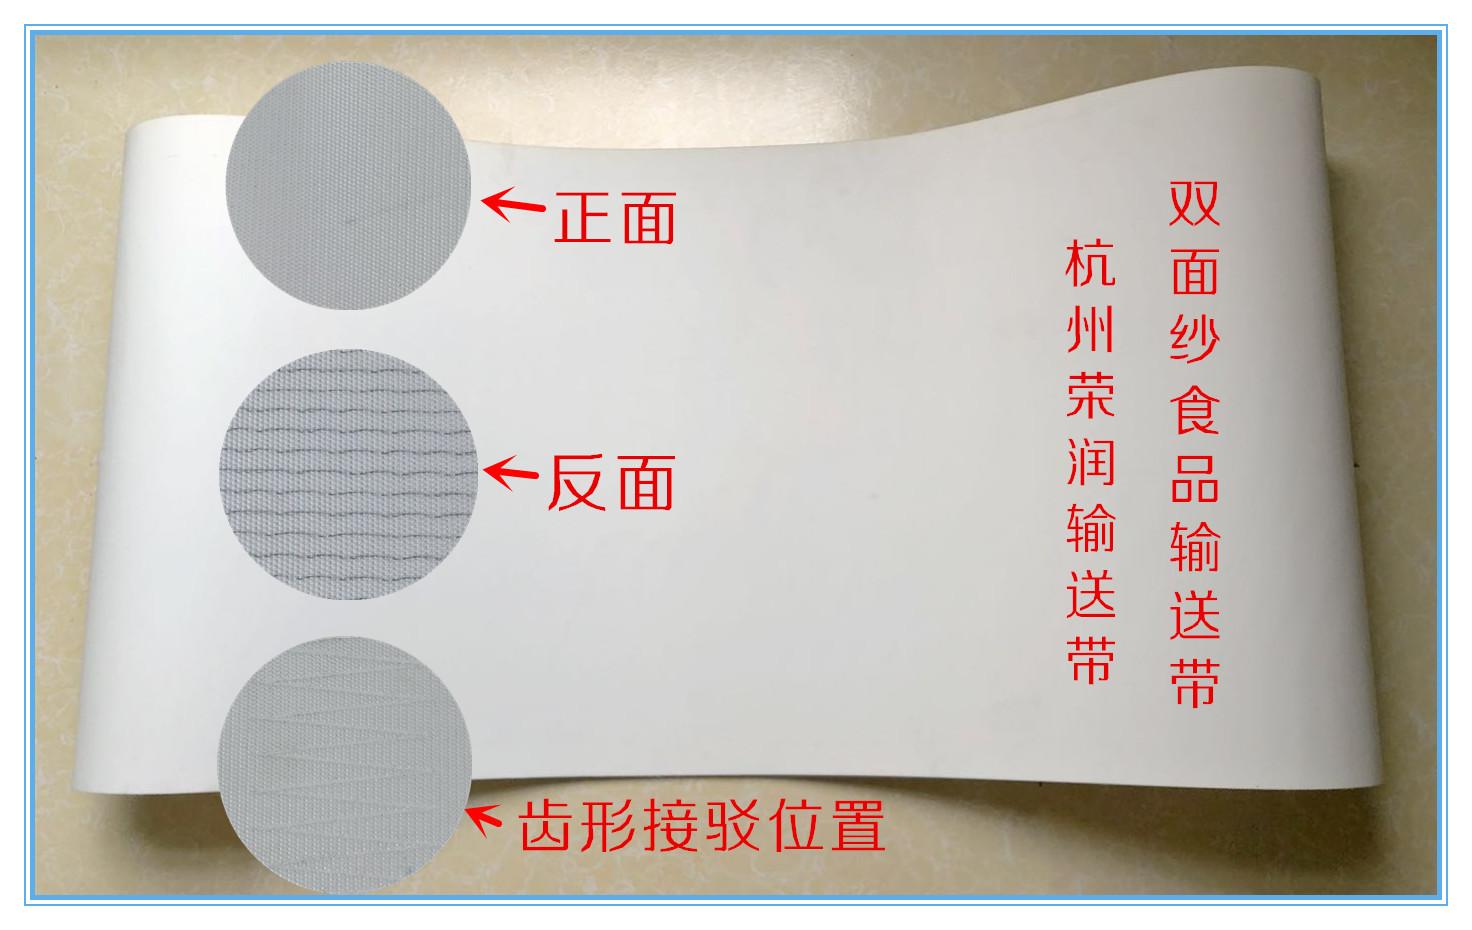 压面机皮带 食品皮带 和面机皮带 开酥机皮带 面皮传送带 揉面机皮带